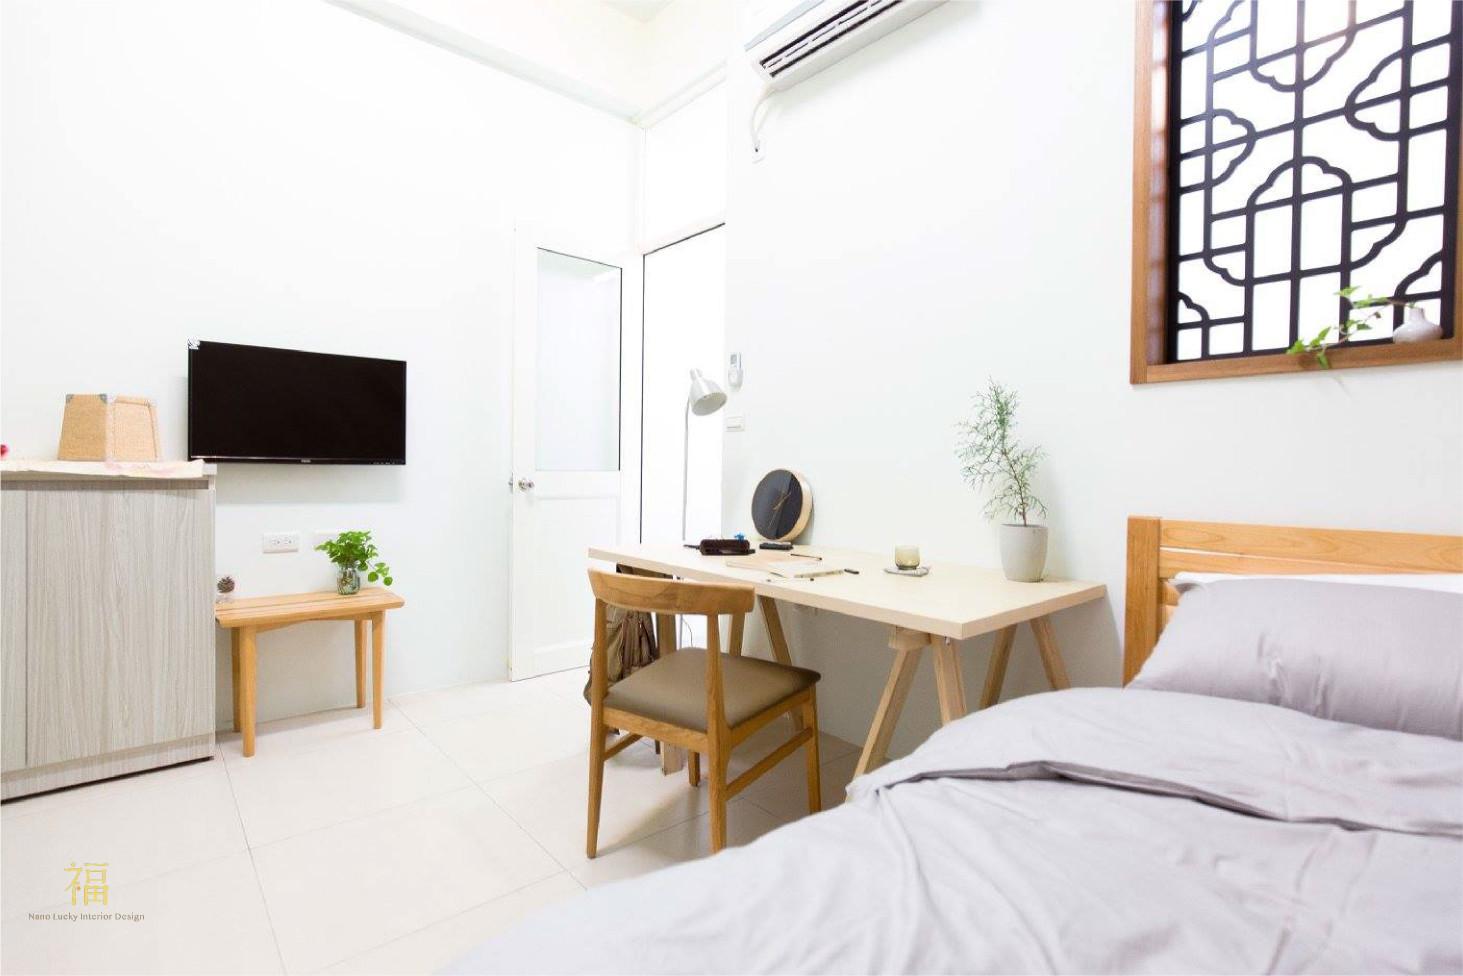 福櫻會館|舒適學生宿舍房型|嘉義宿舍空間設計